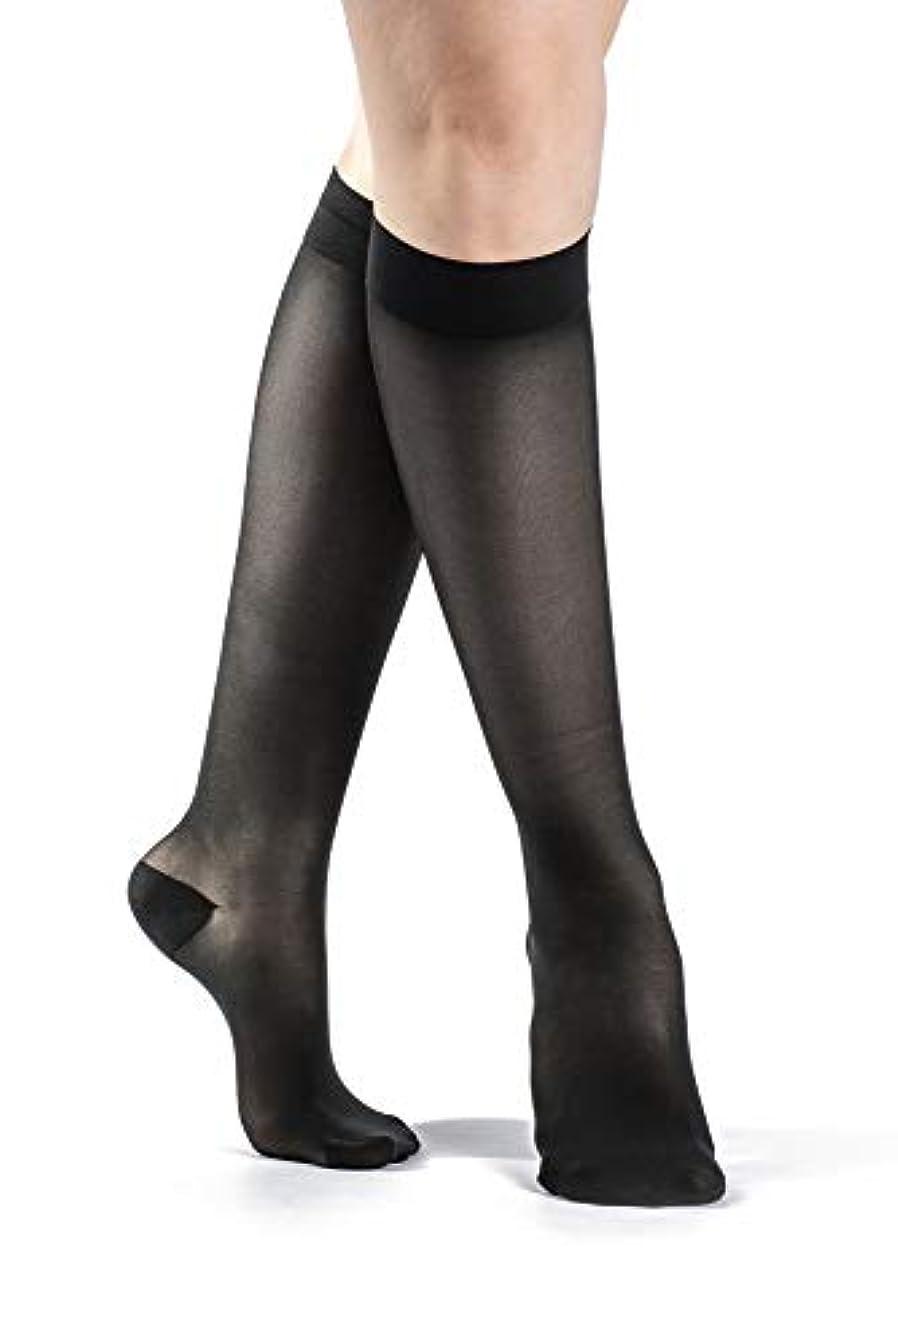 二度代わりにを立てるアリSigvaris Ever Sheer Knee High 20-30mmHg Women's Closed Toe Short Length, Medium Short, Black by Sigvaris